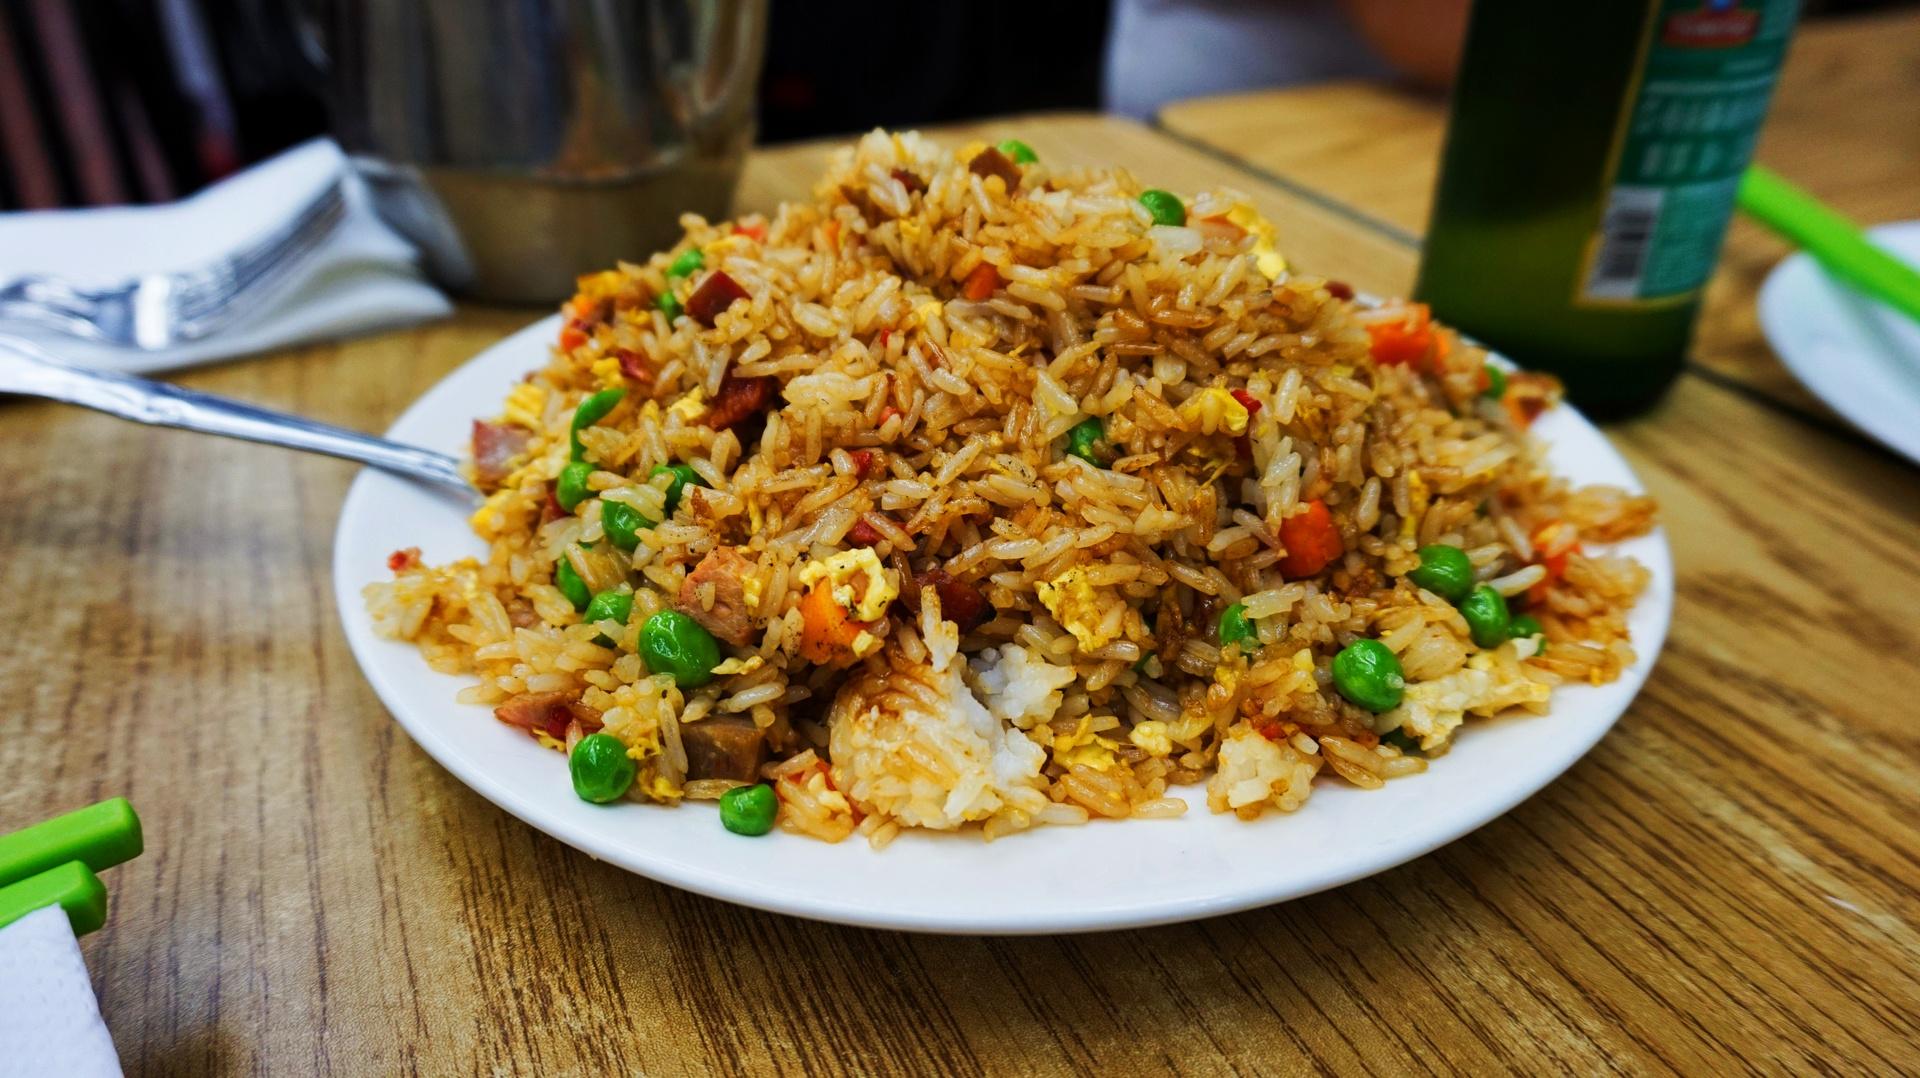 Smażony ryż z warzywami i kurczakiem w Chinatown, San Francisco, USA | Sway the way